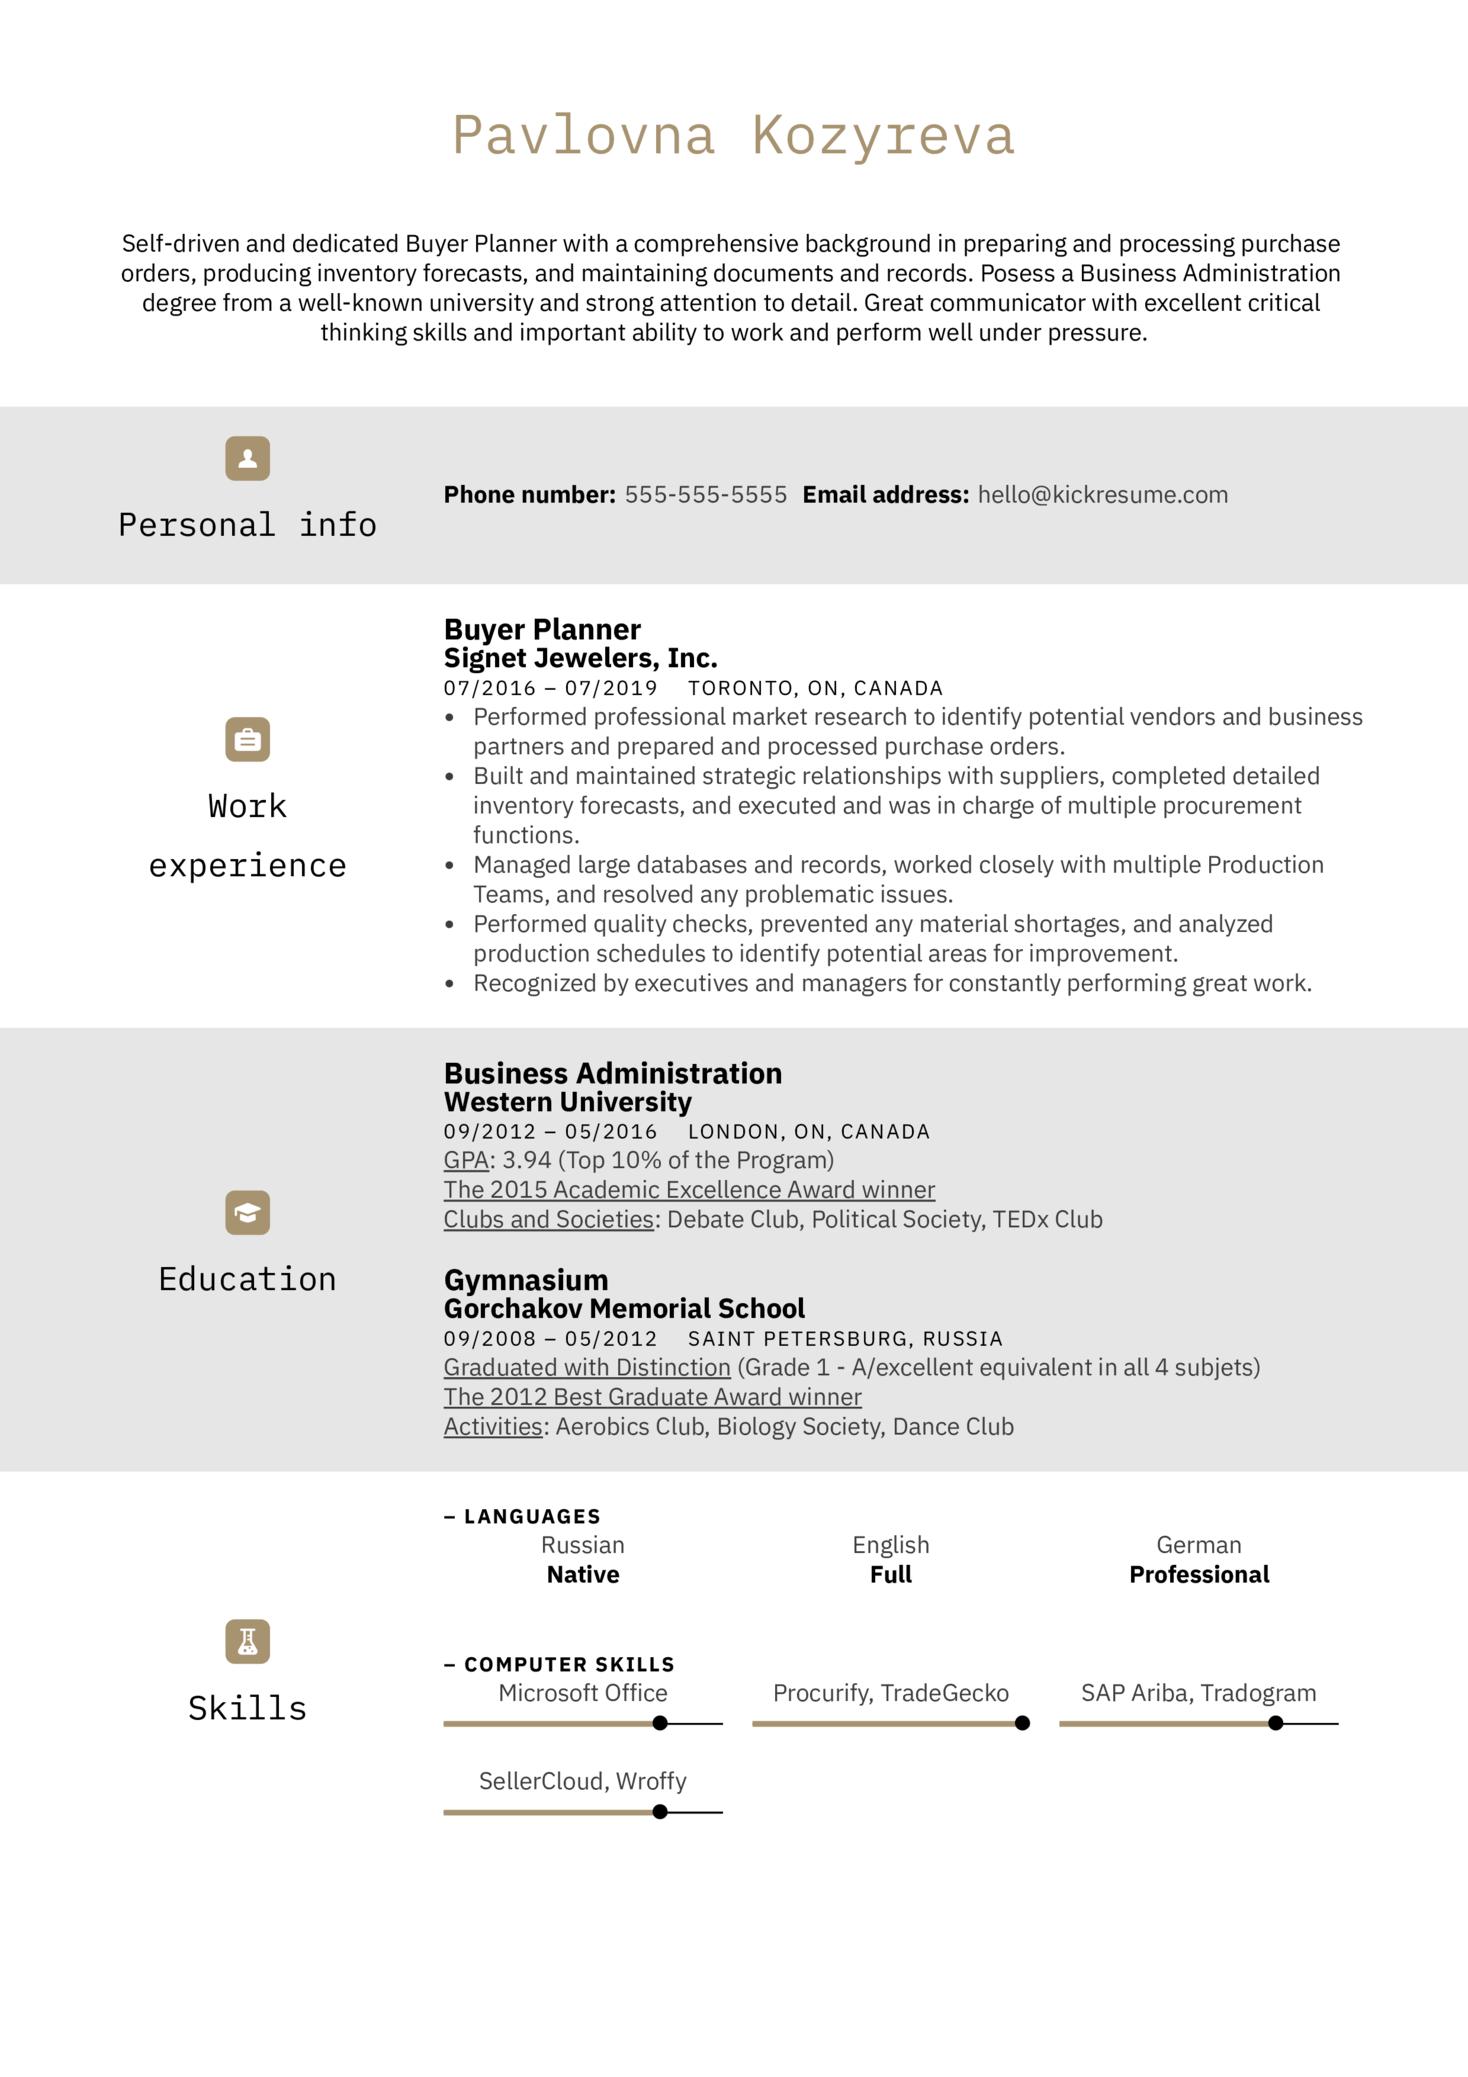 Buyer Planner Resume Example (Part 1)